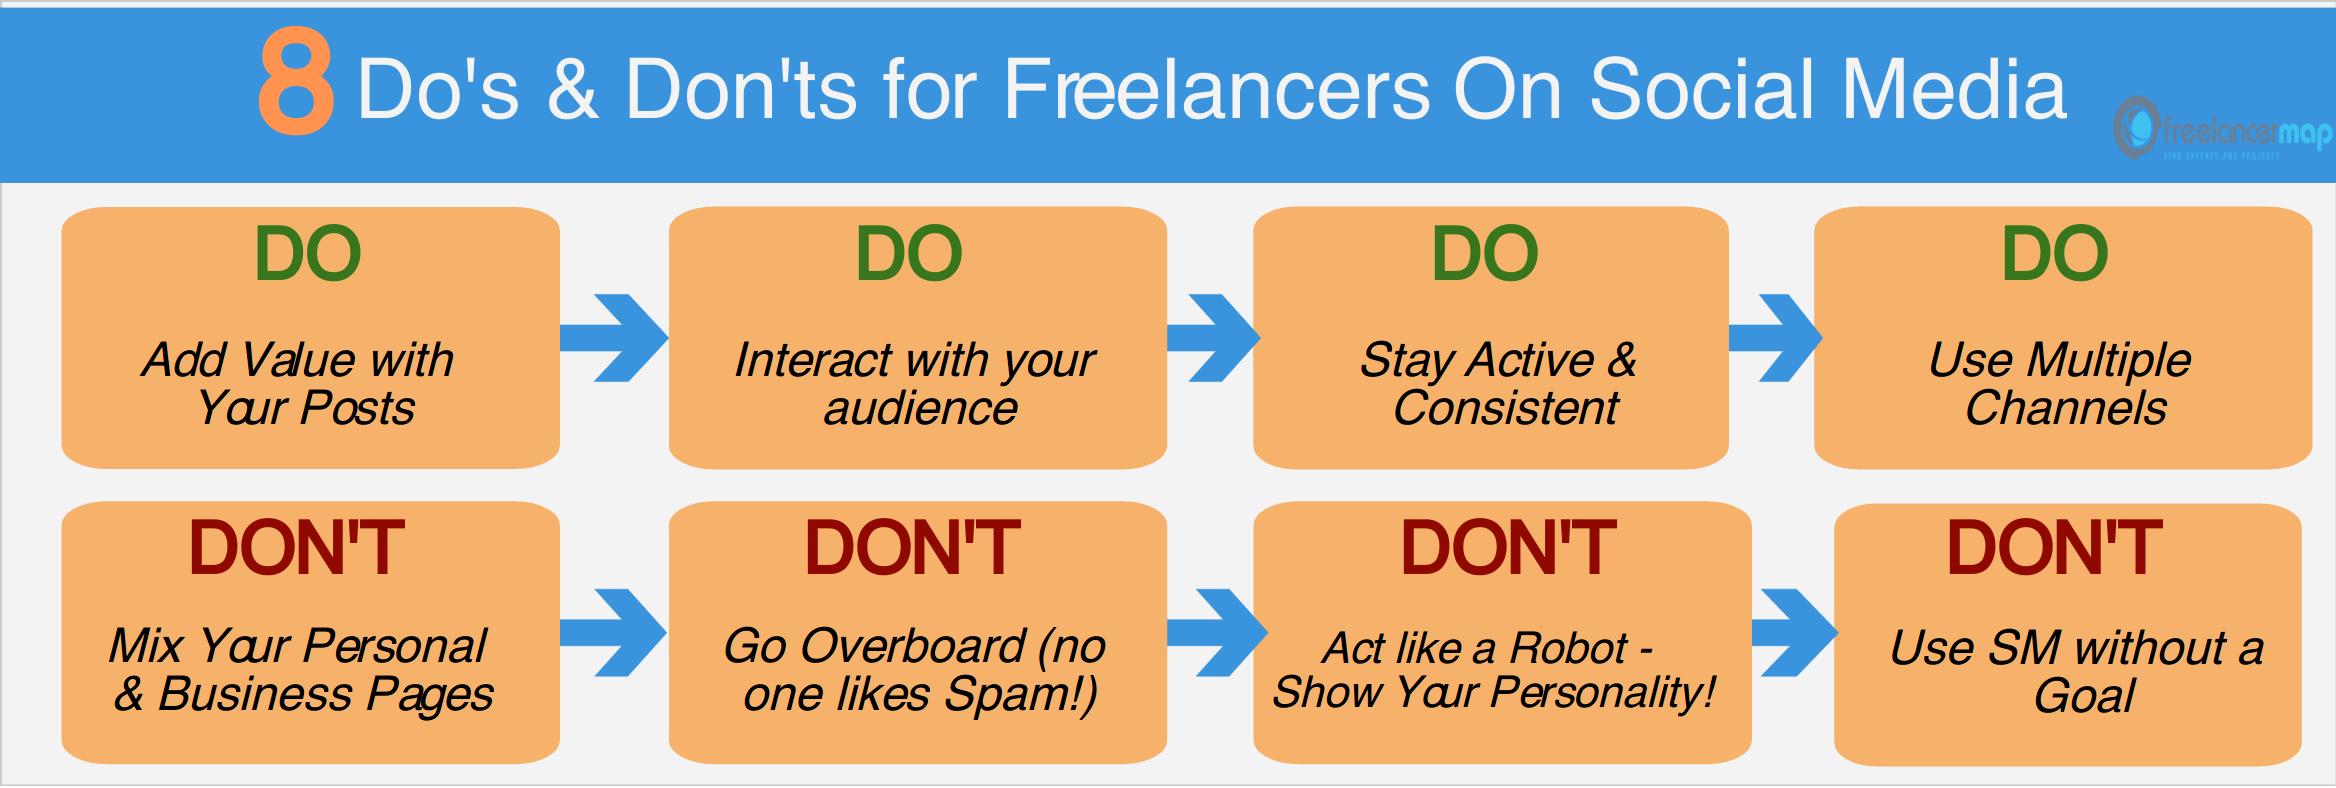 Do's & Don'ts For Freelancers On Social Media